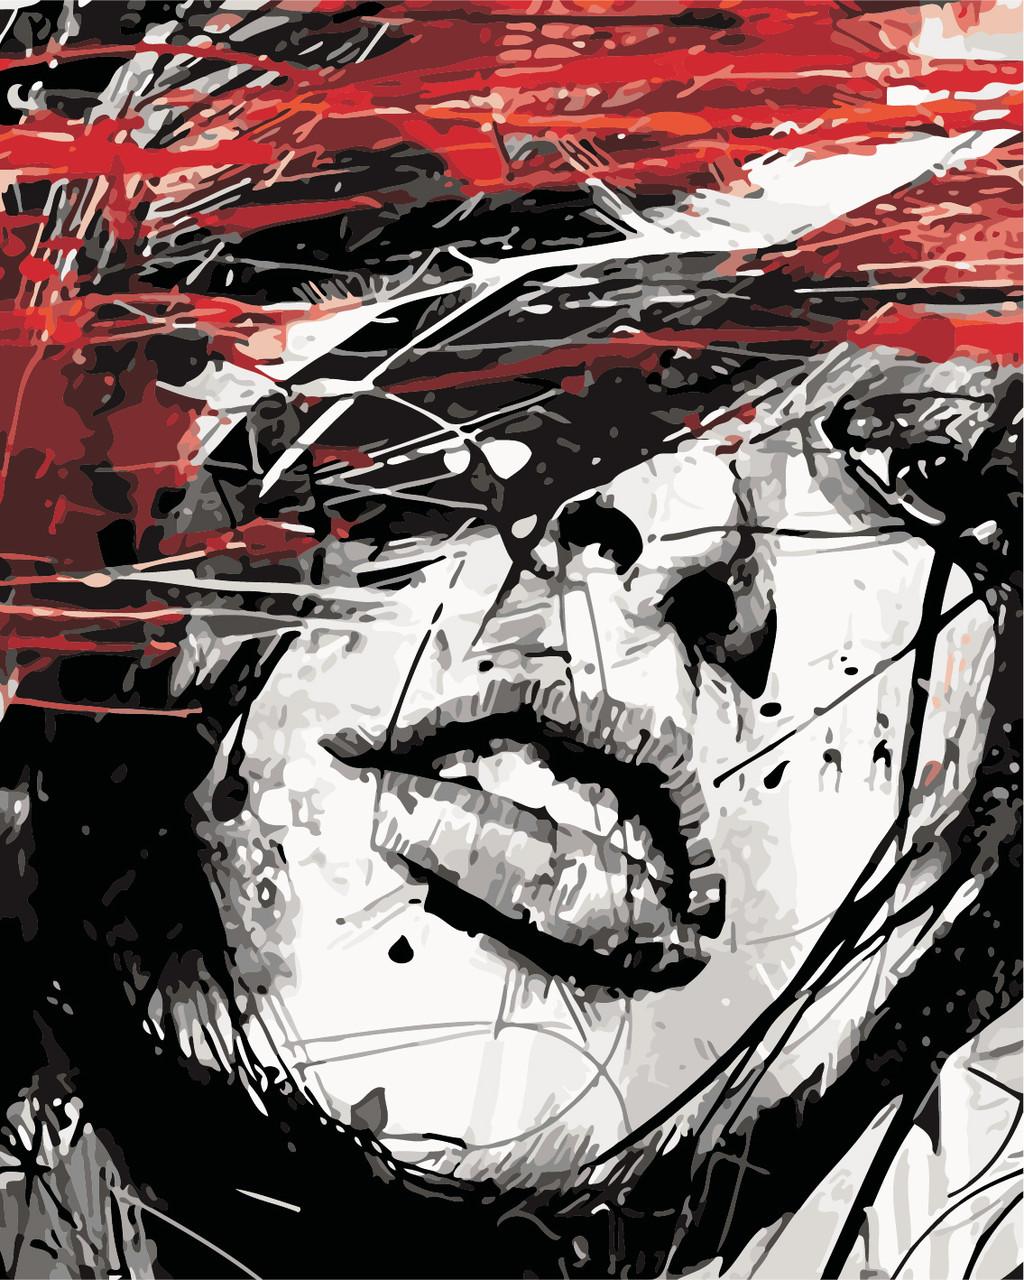 Картина по номерам Страстный взгляд, 40x50 см Art Story (AS0424)